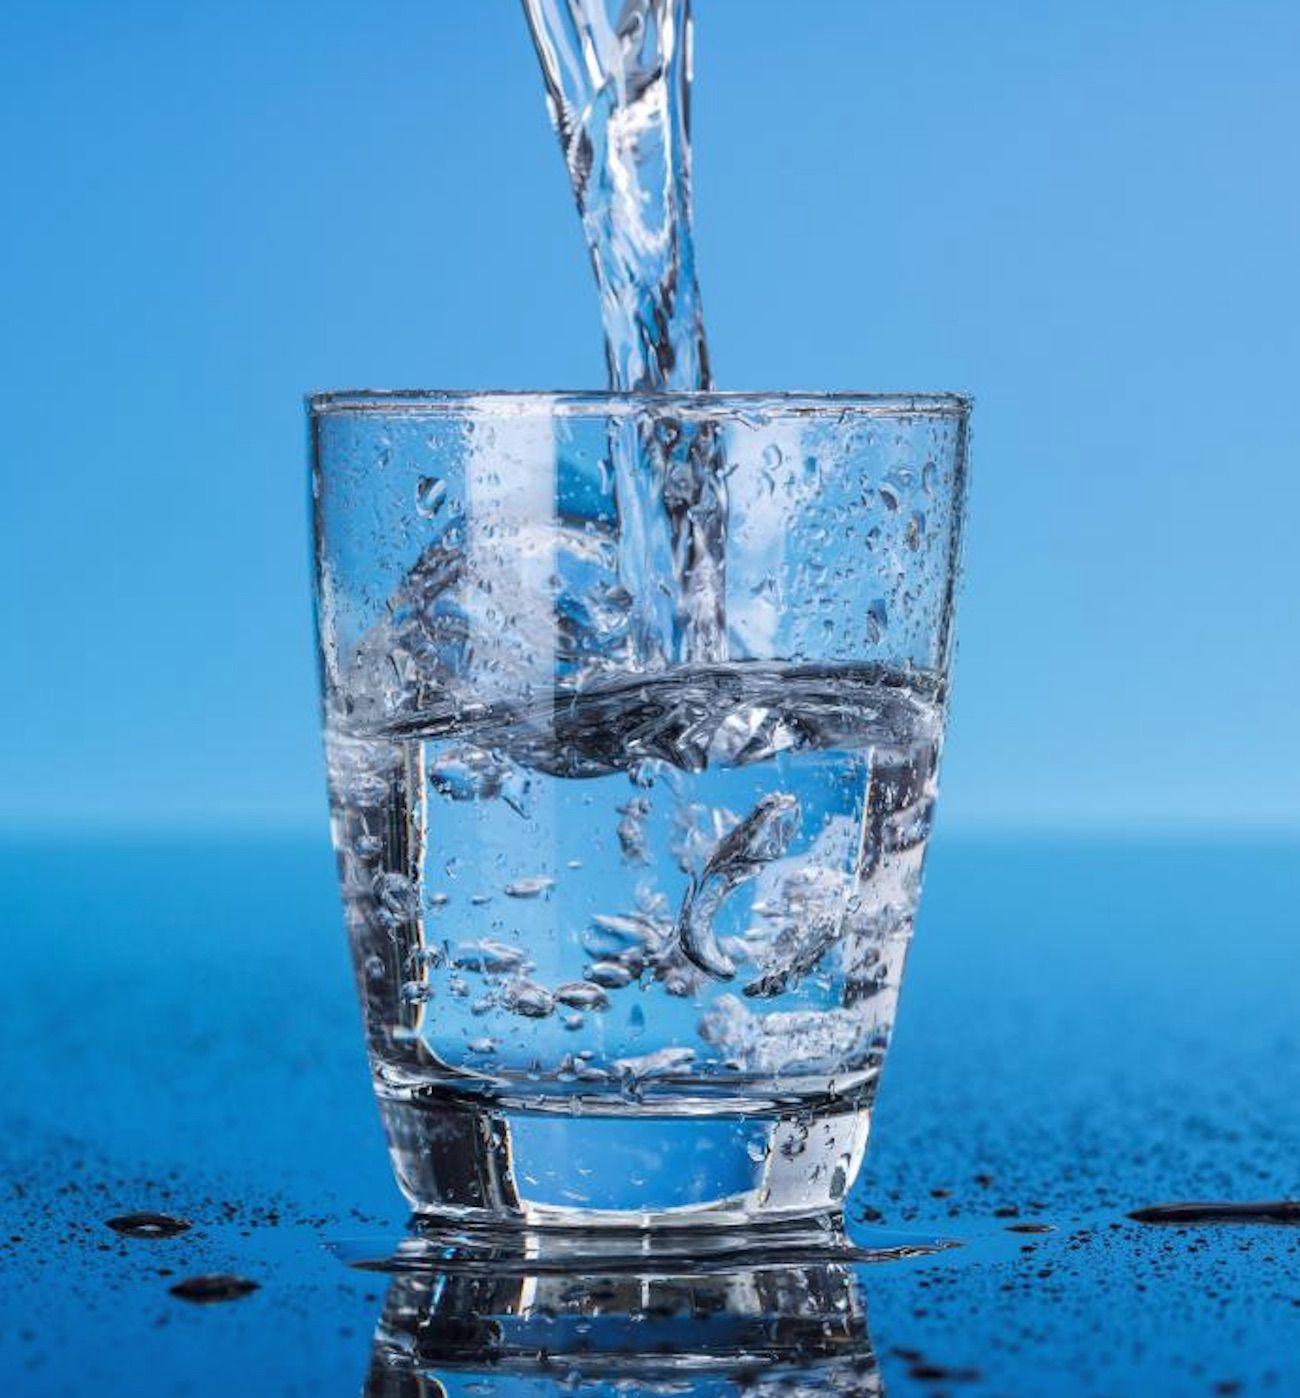 El agua es esencial para la vida. Pero, ¿beber más agua en verdad acelera la pérdida de grasas? ¿Y qué clase de agua es la segura para su consumo? Muchos expertos recomiendan beber al menos 8 vasos de agua al día, y hasta la mitad de tu peso corporal en gramos de agua al día. …